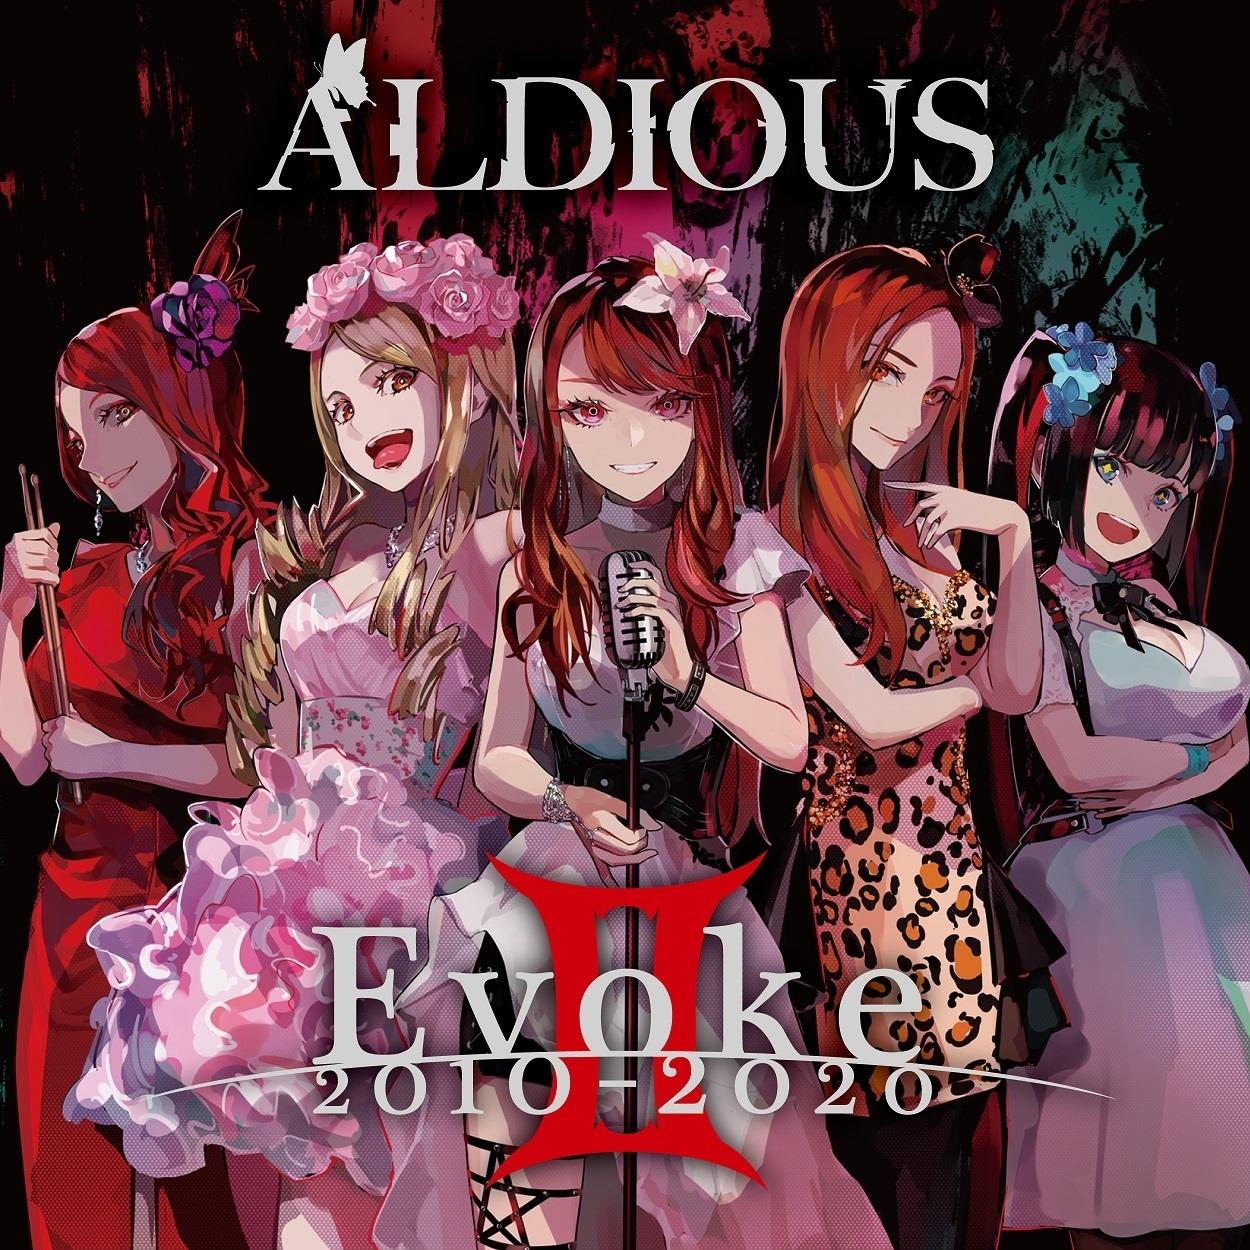 【輸入盤(CD)】Aldious 8thアルバム『EvokeⅡ 2010-2020』